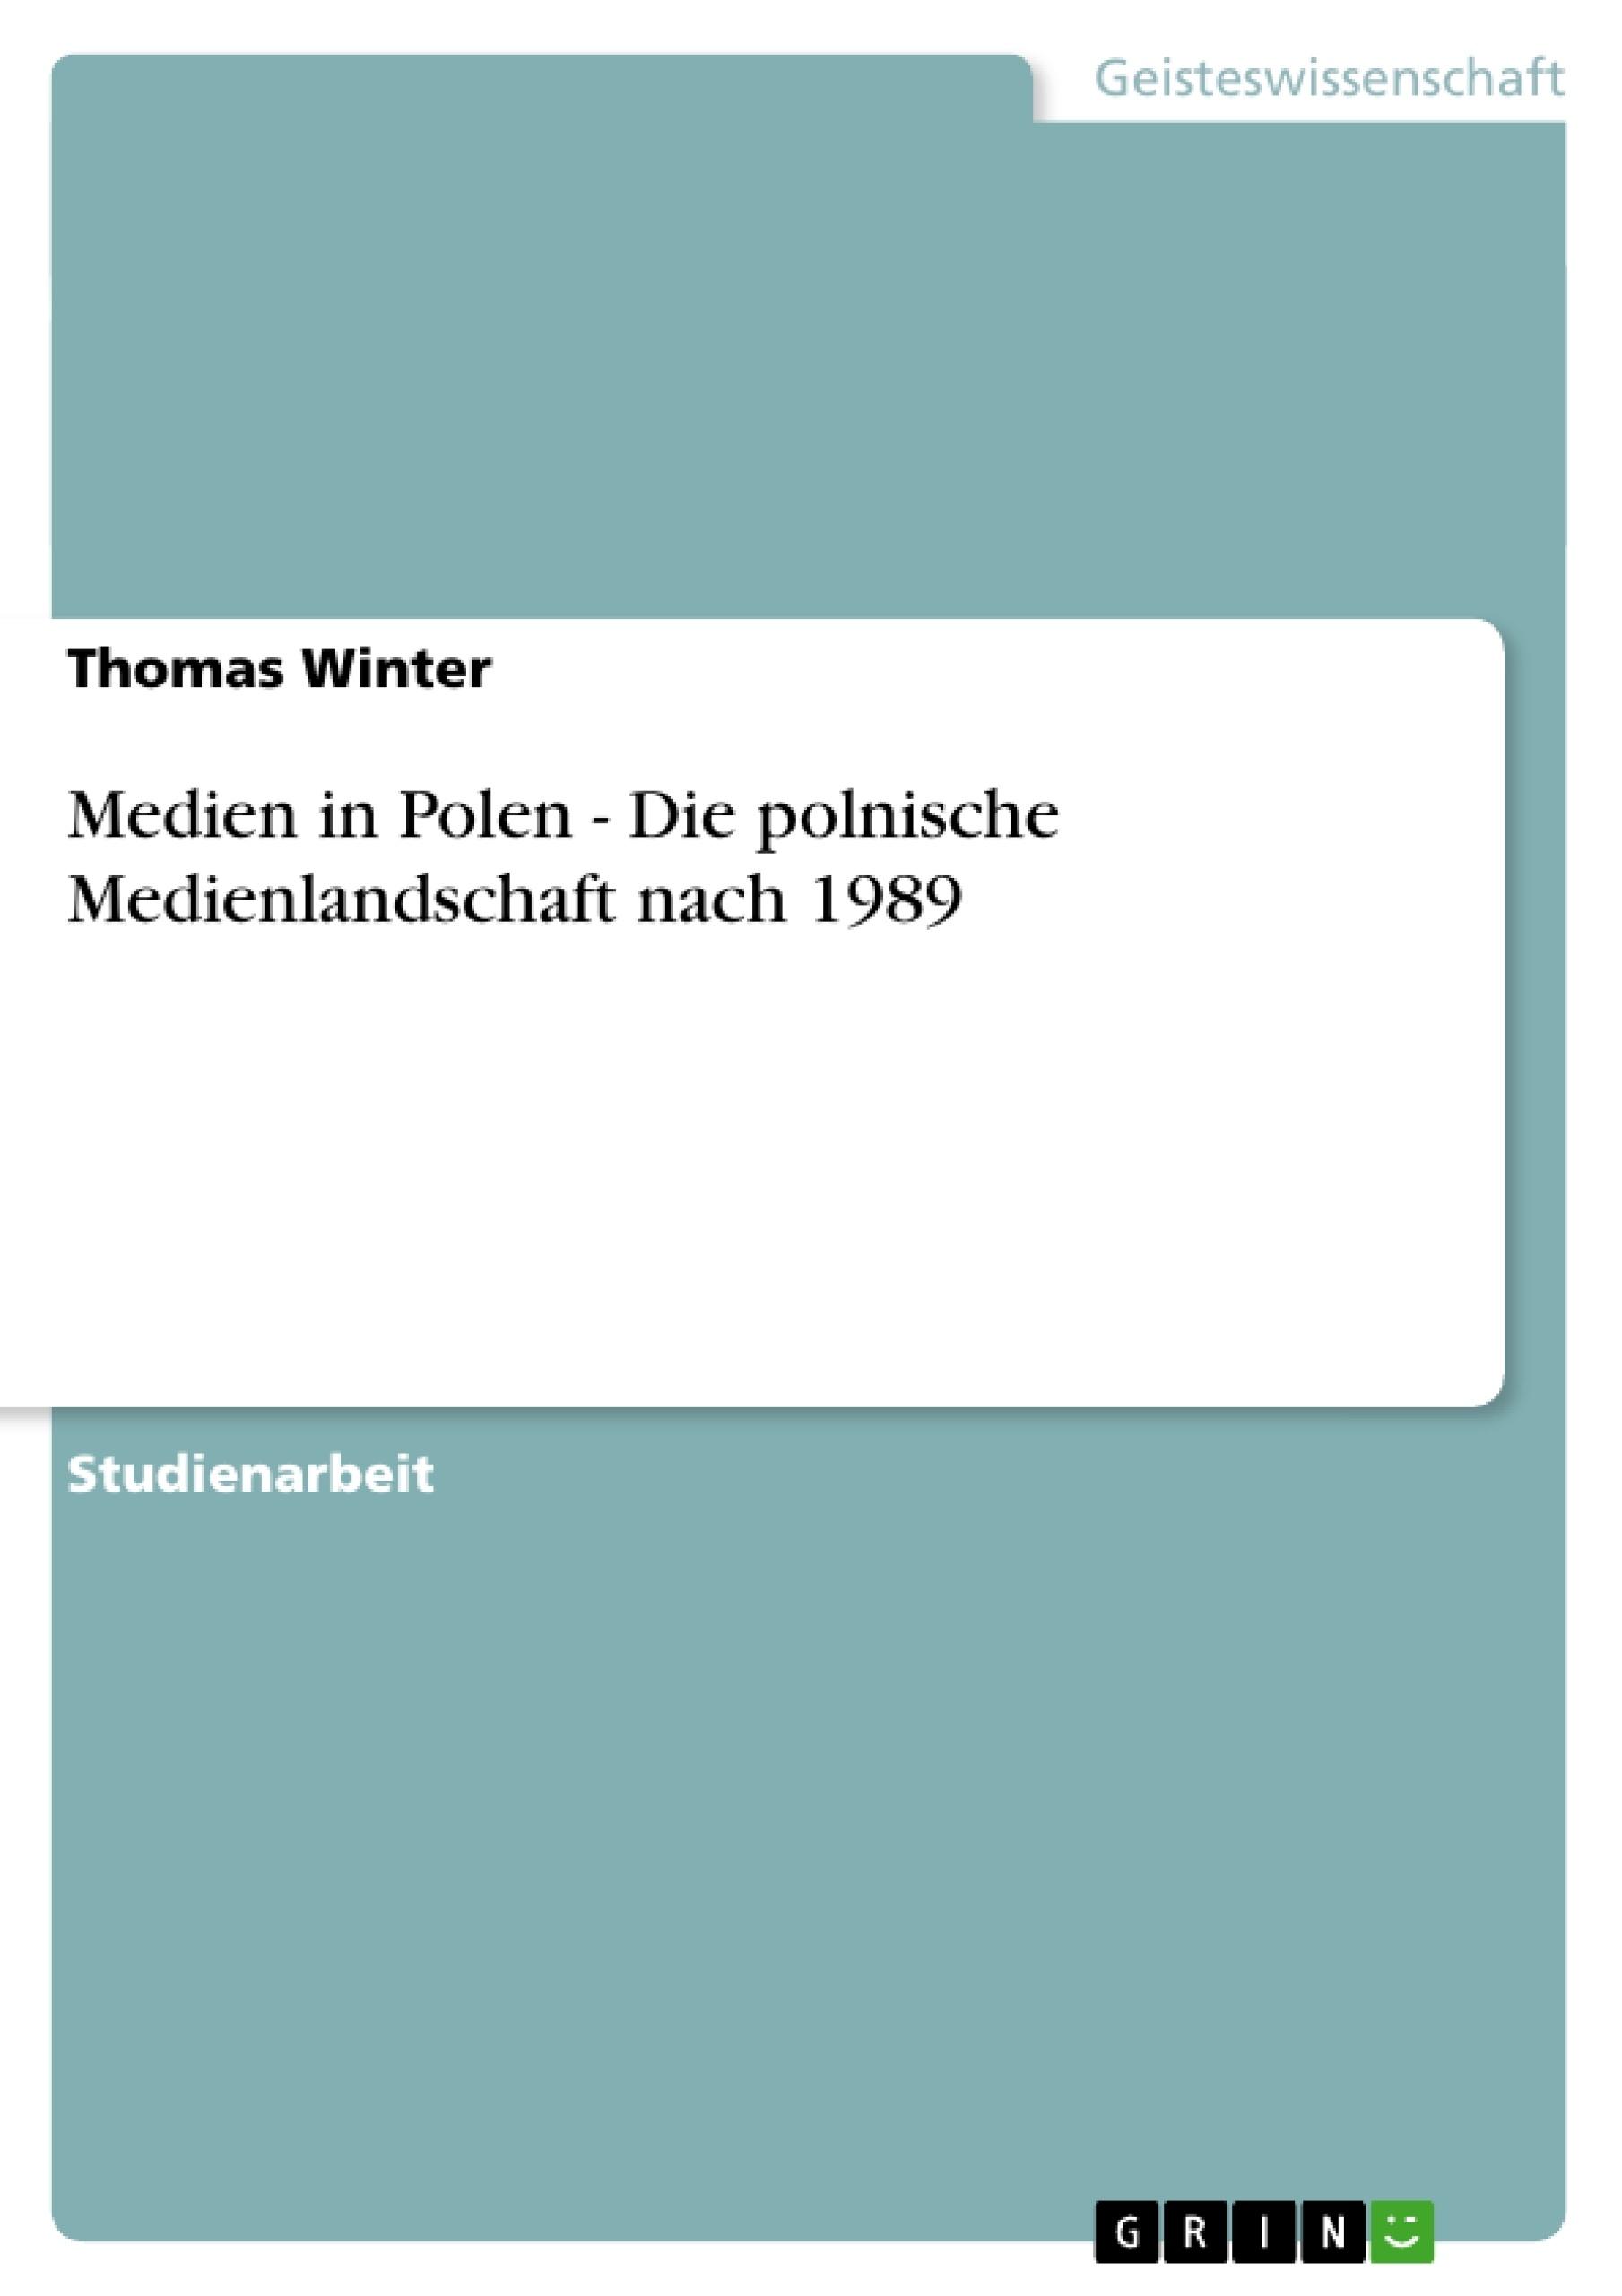 Titel: Medien in Polen - Die polnische Medienlandschaft nach 1989